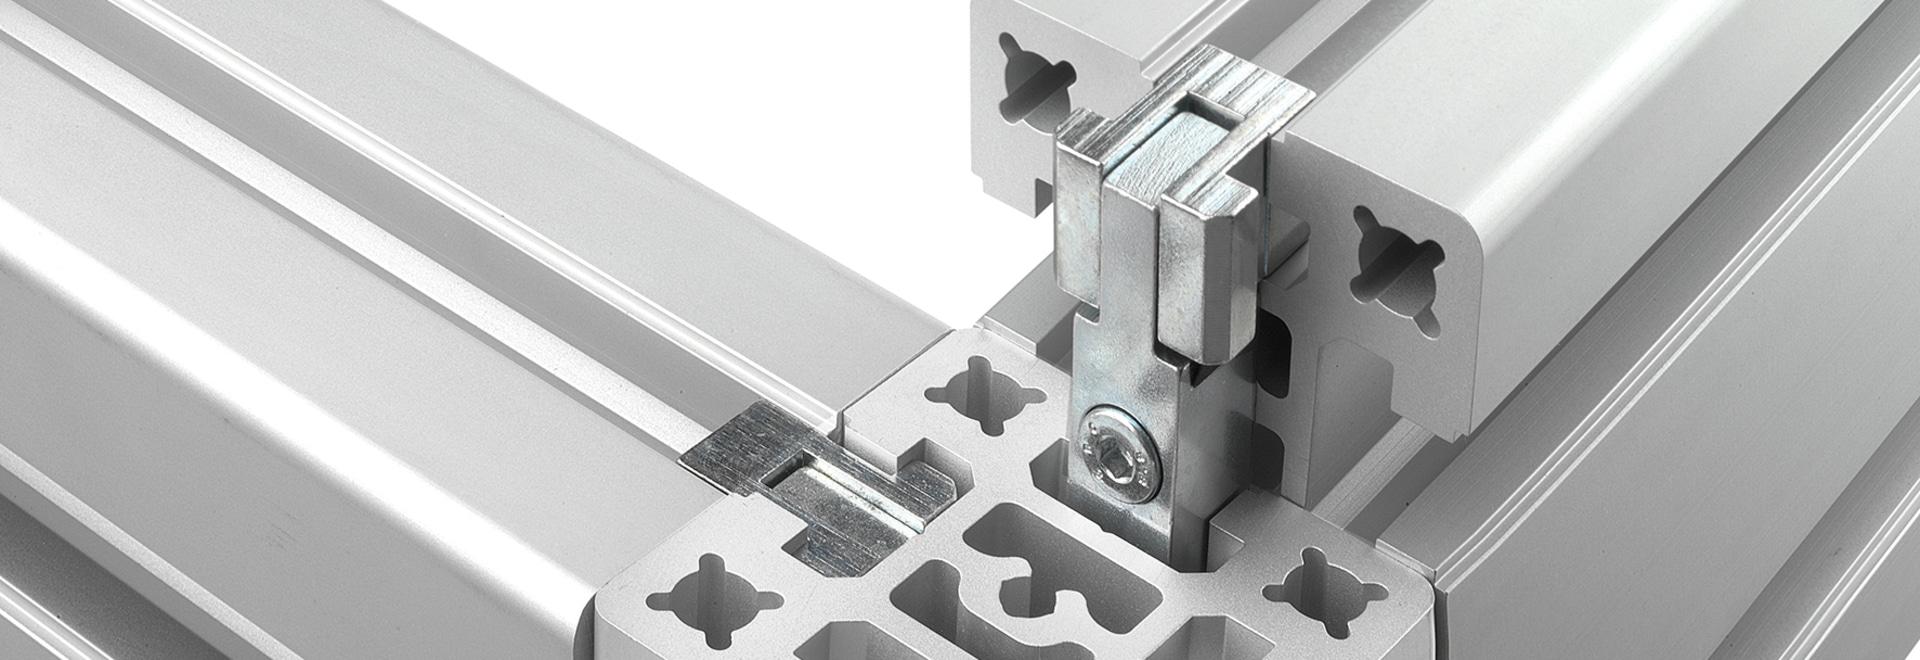 Collegare i profilati in alluminio senza lavorazioni tramite raccordo a pressione